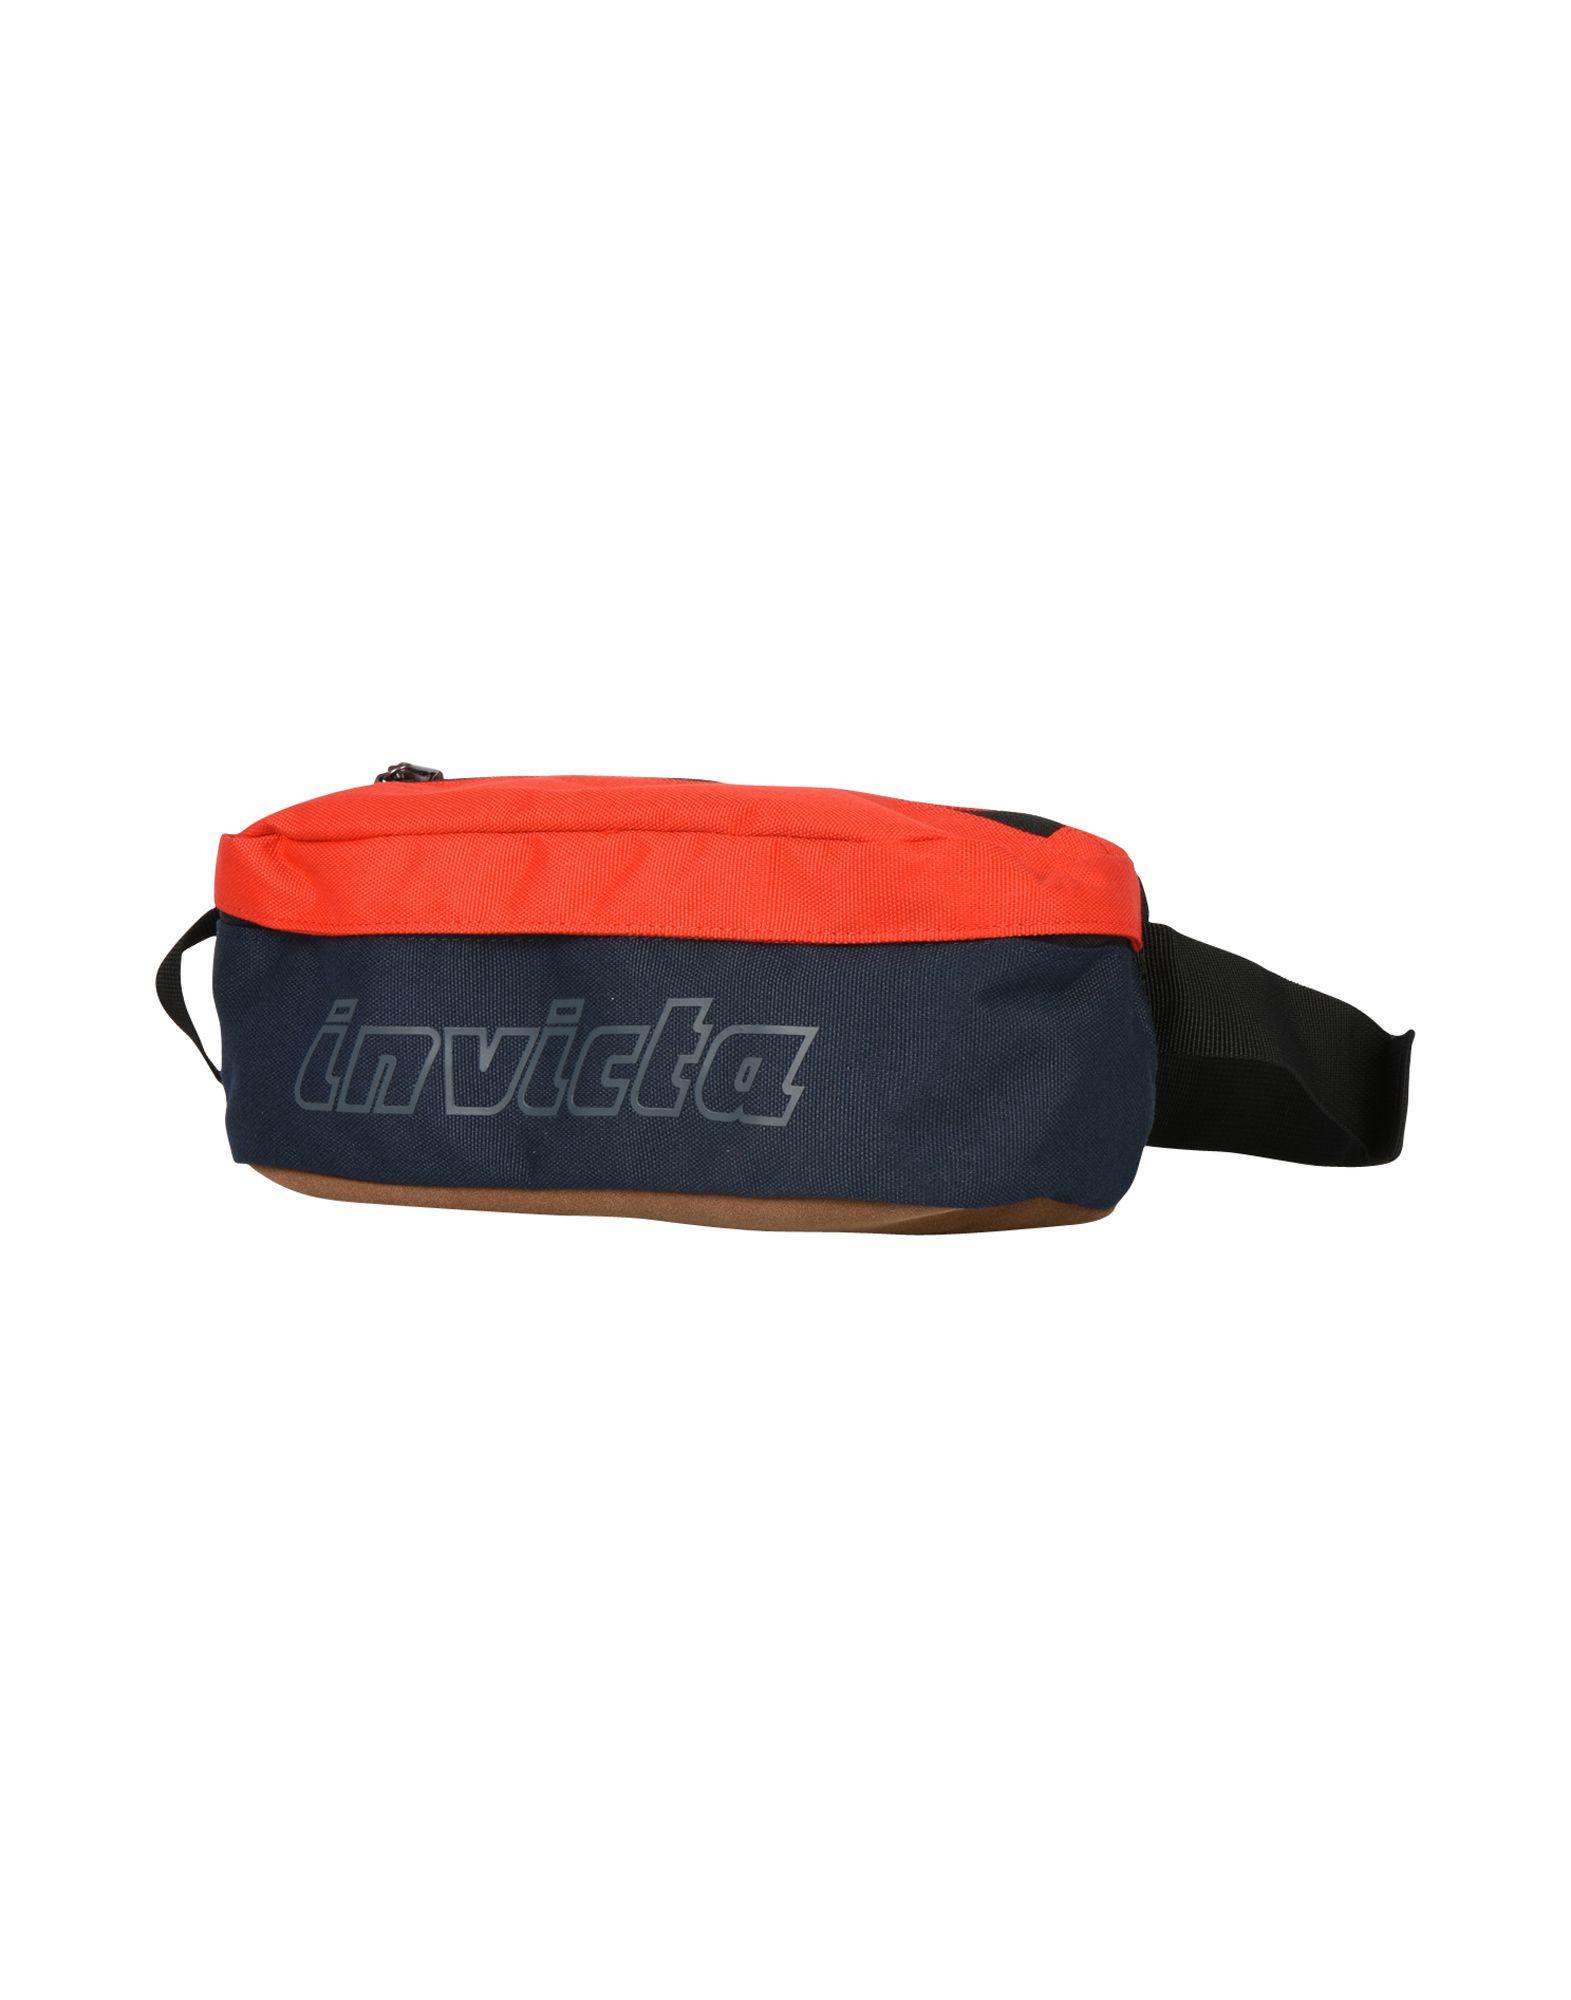 《送料無料》INVICTA Unisex バックパック&ヒップバッグ ダークブルー ポリエステル 100% EASY WAY WAIST BAG